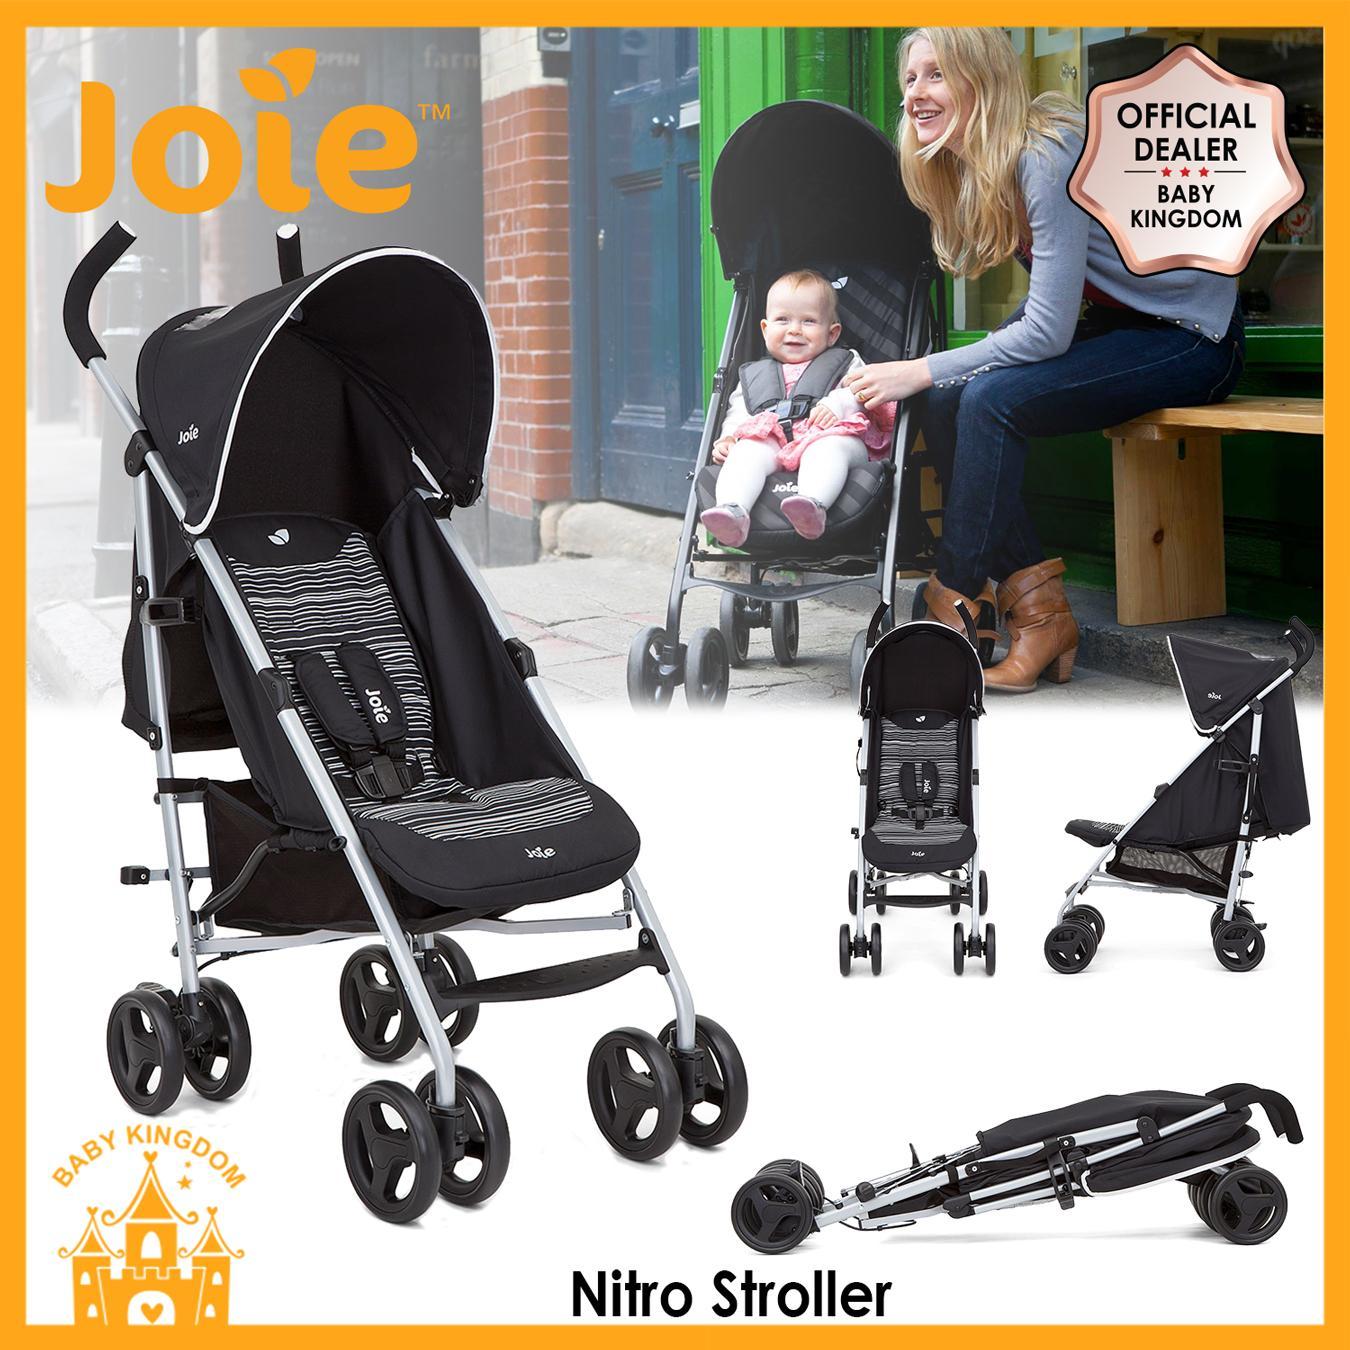 Joie-Nitro-Stroller--Main.jpg